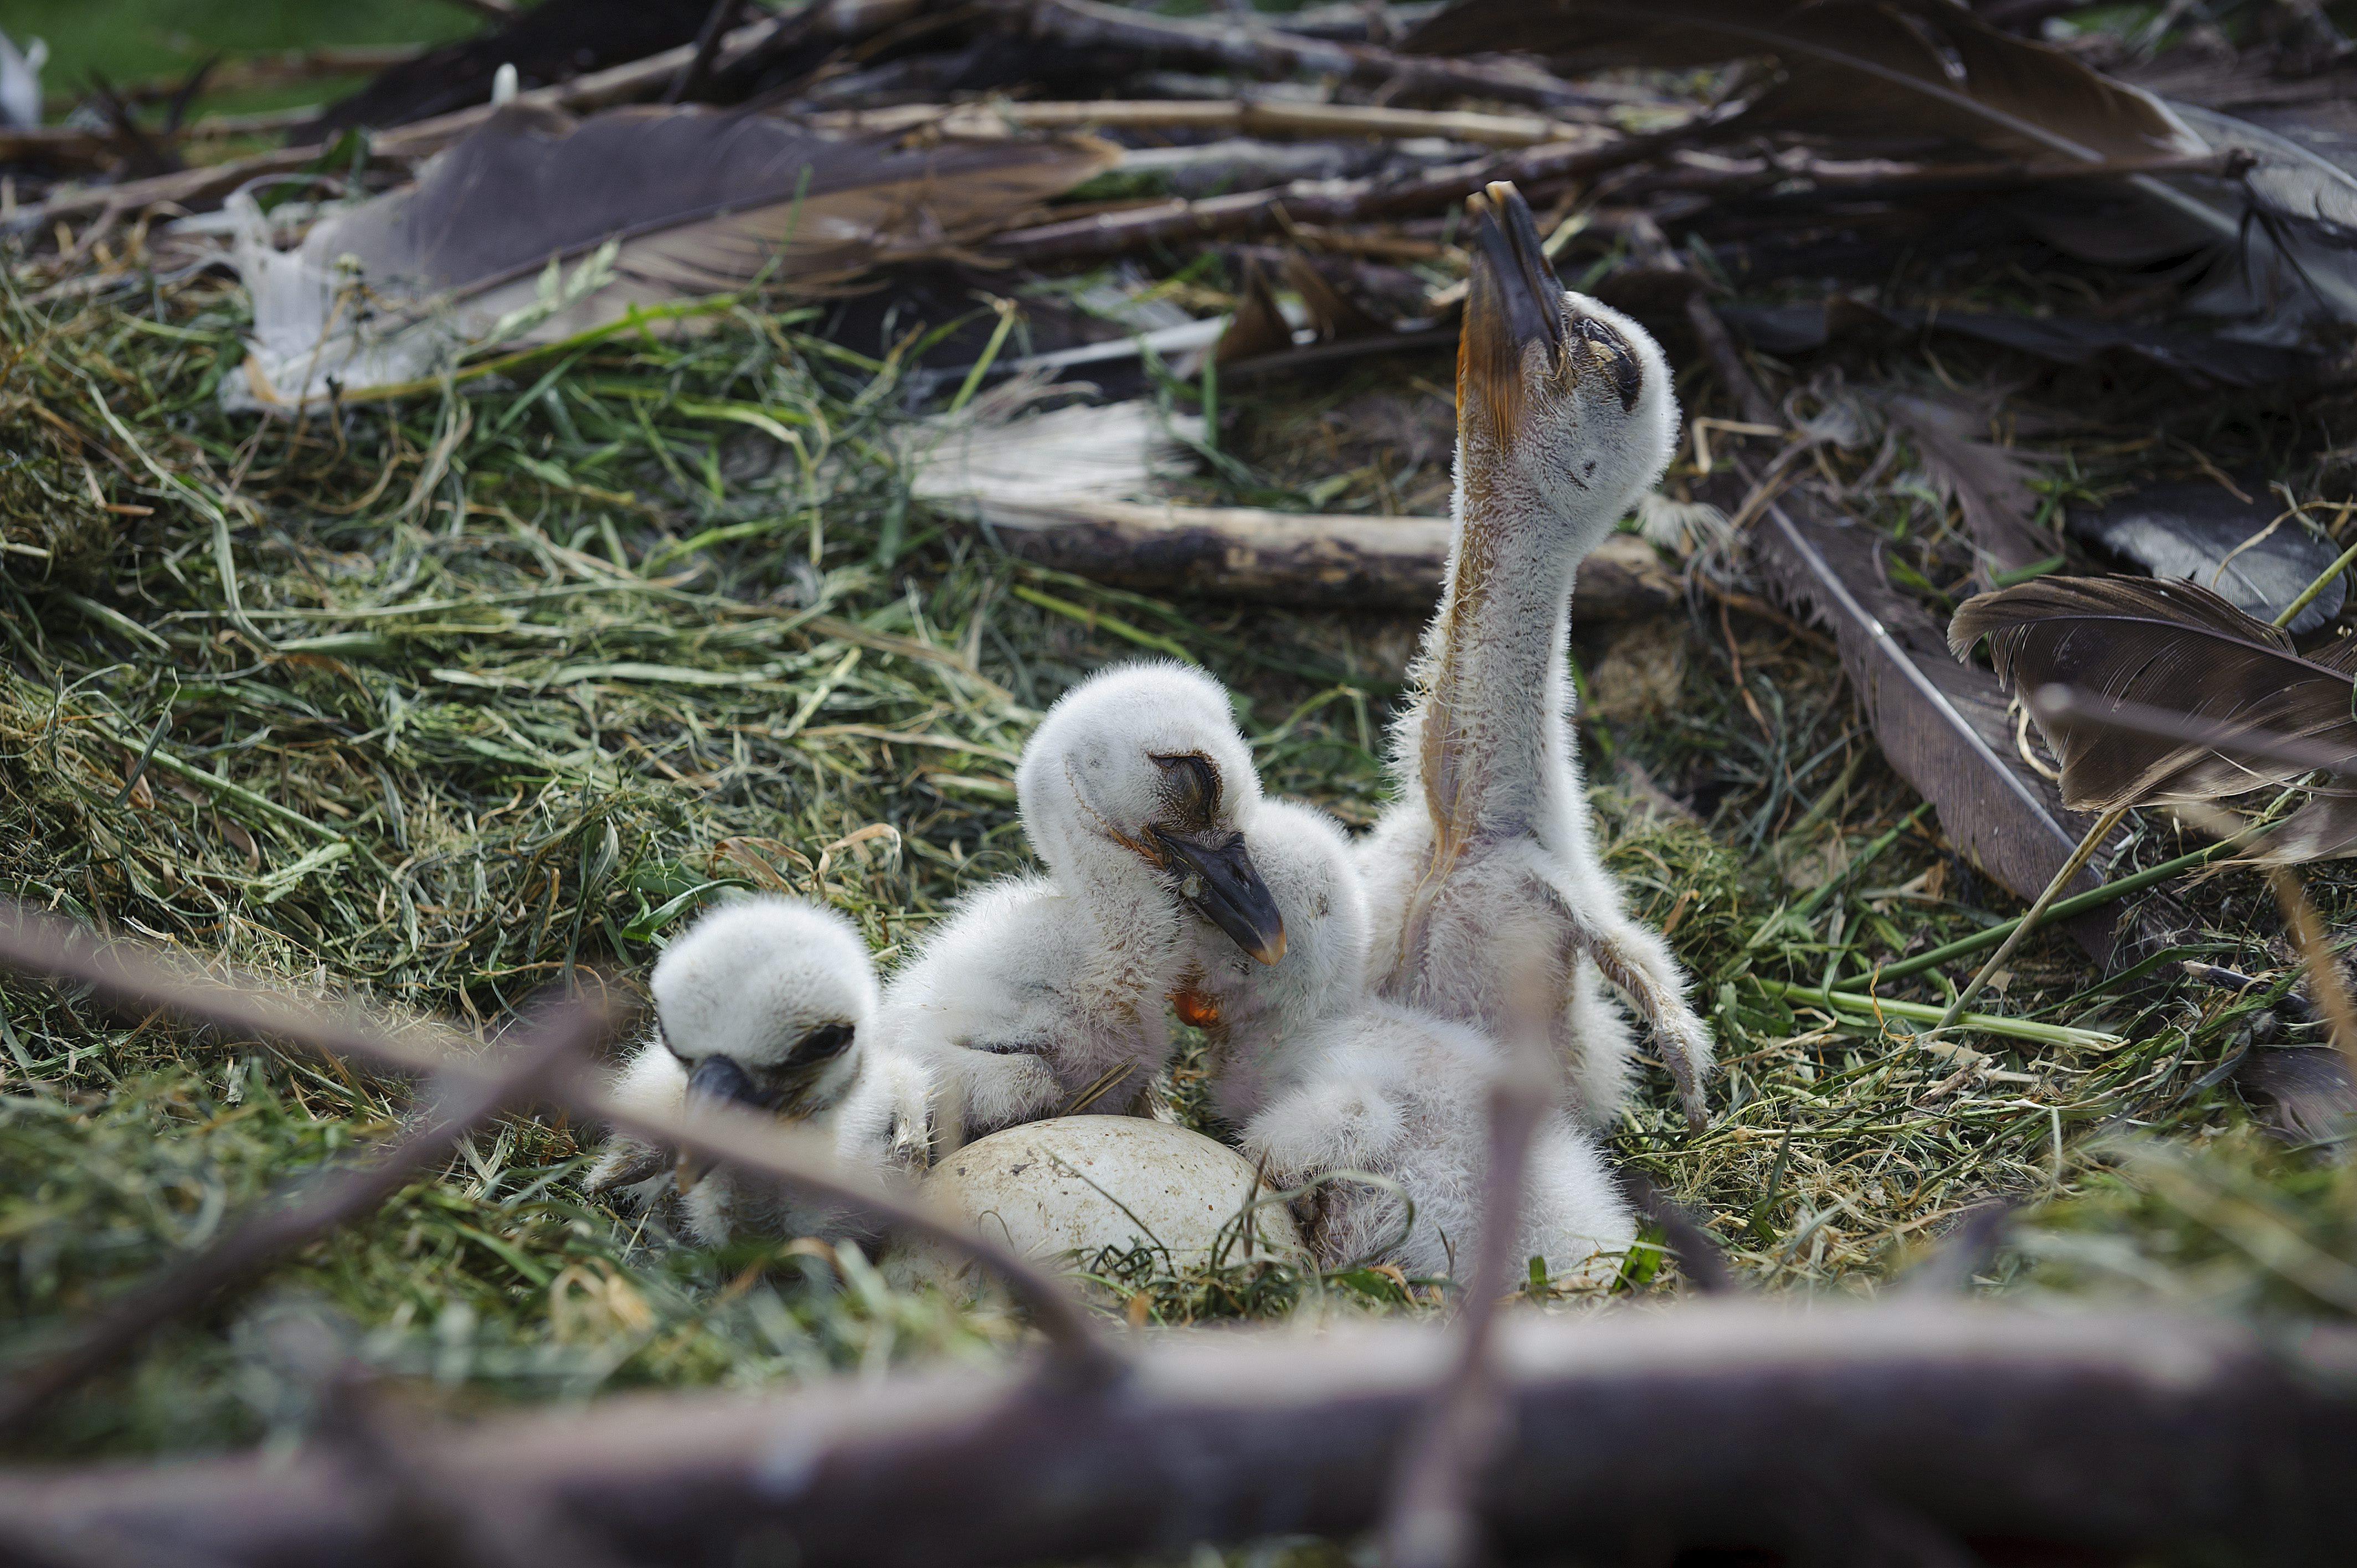 Hortobágy, 2016. május 14. A Hortobágyi Madárkórházban született gólyafiókák 2016. május 14-én. MTI Fotó: Czeglédi Zsolt